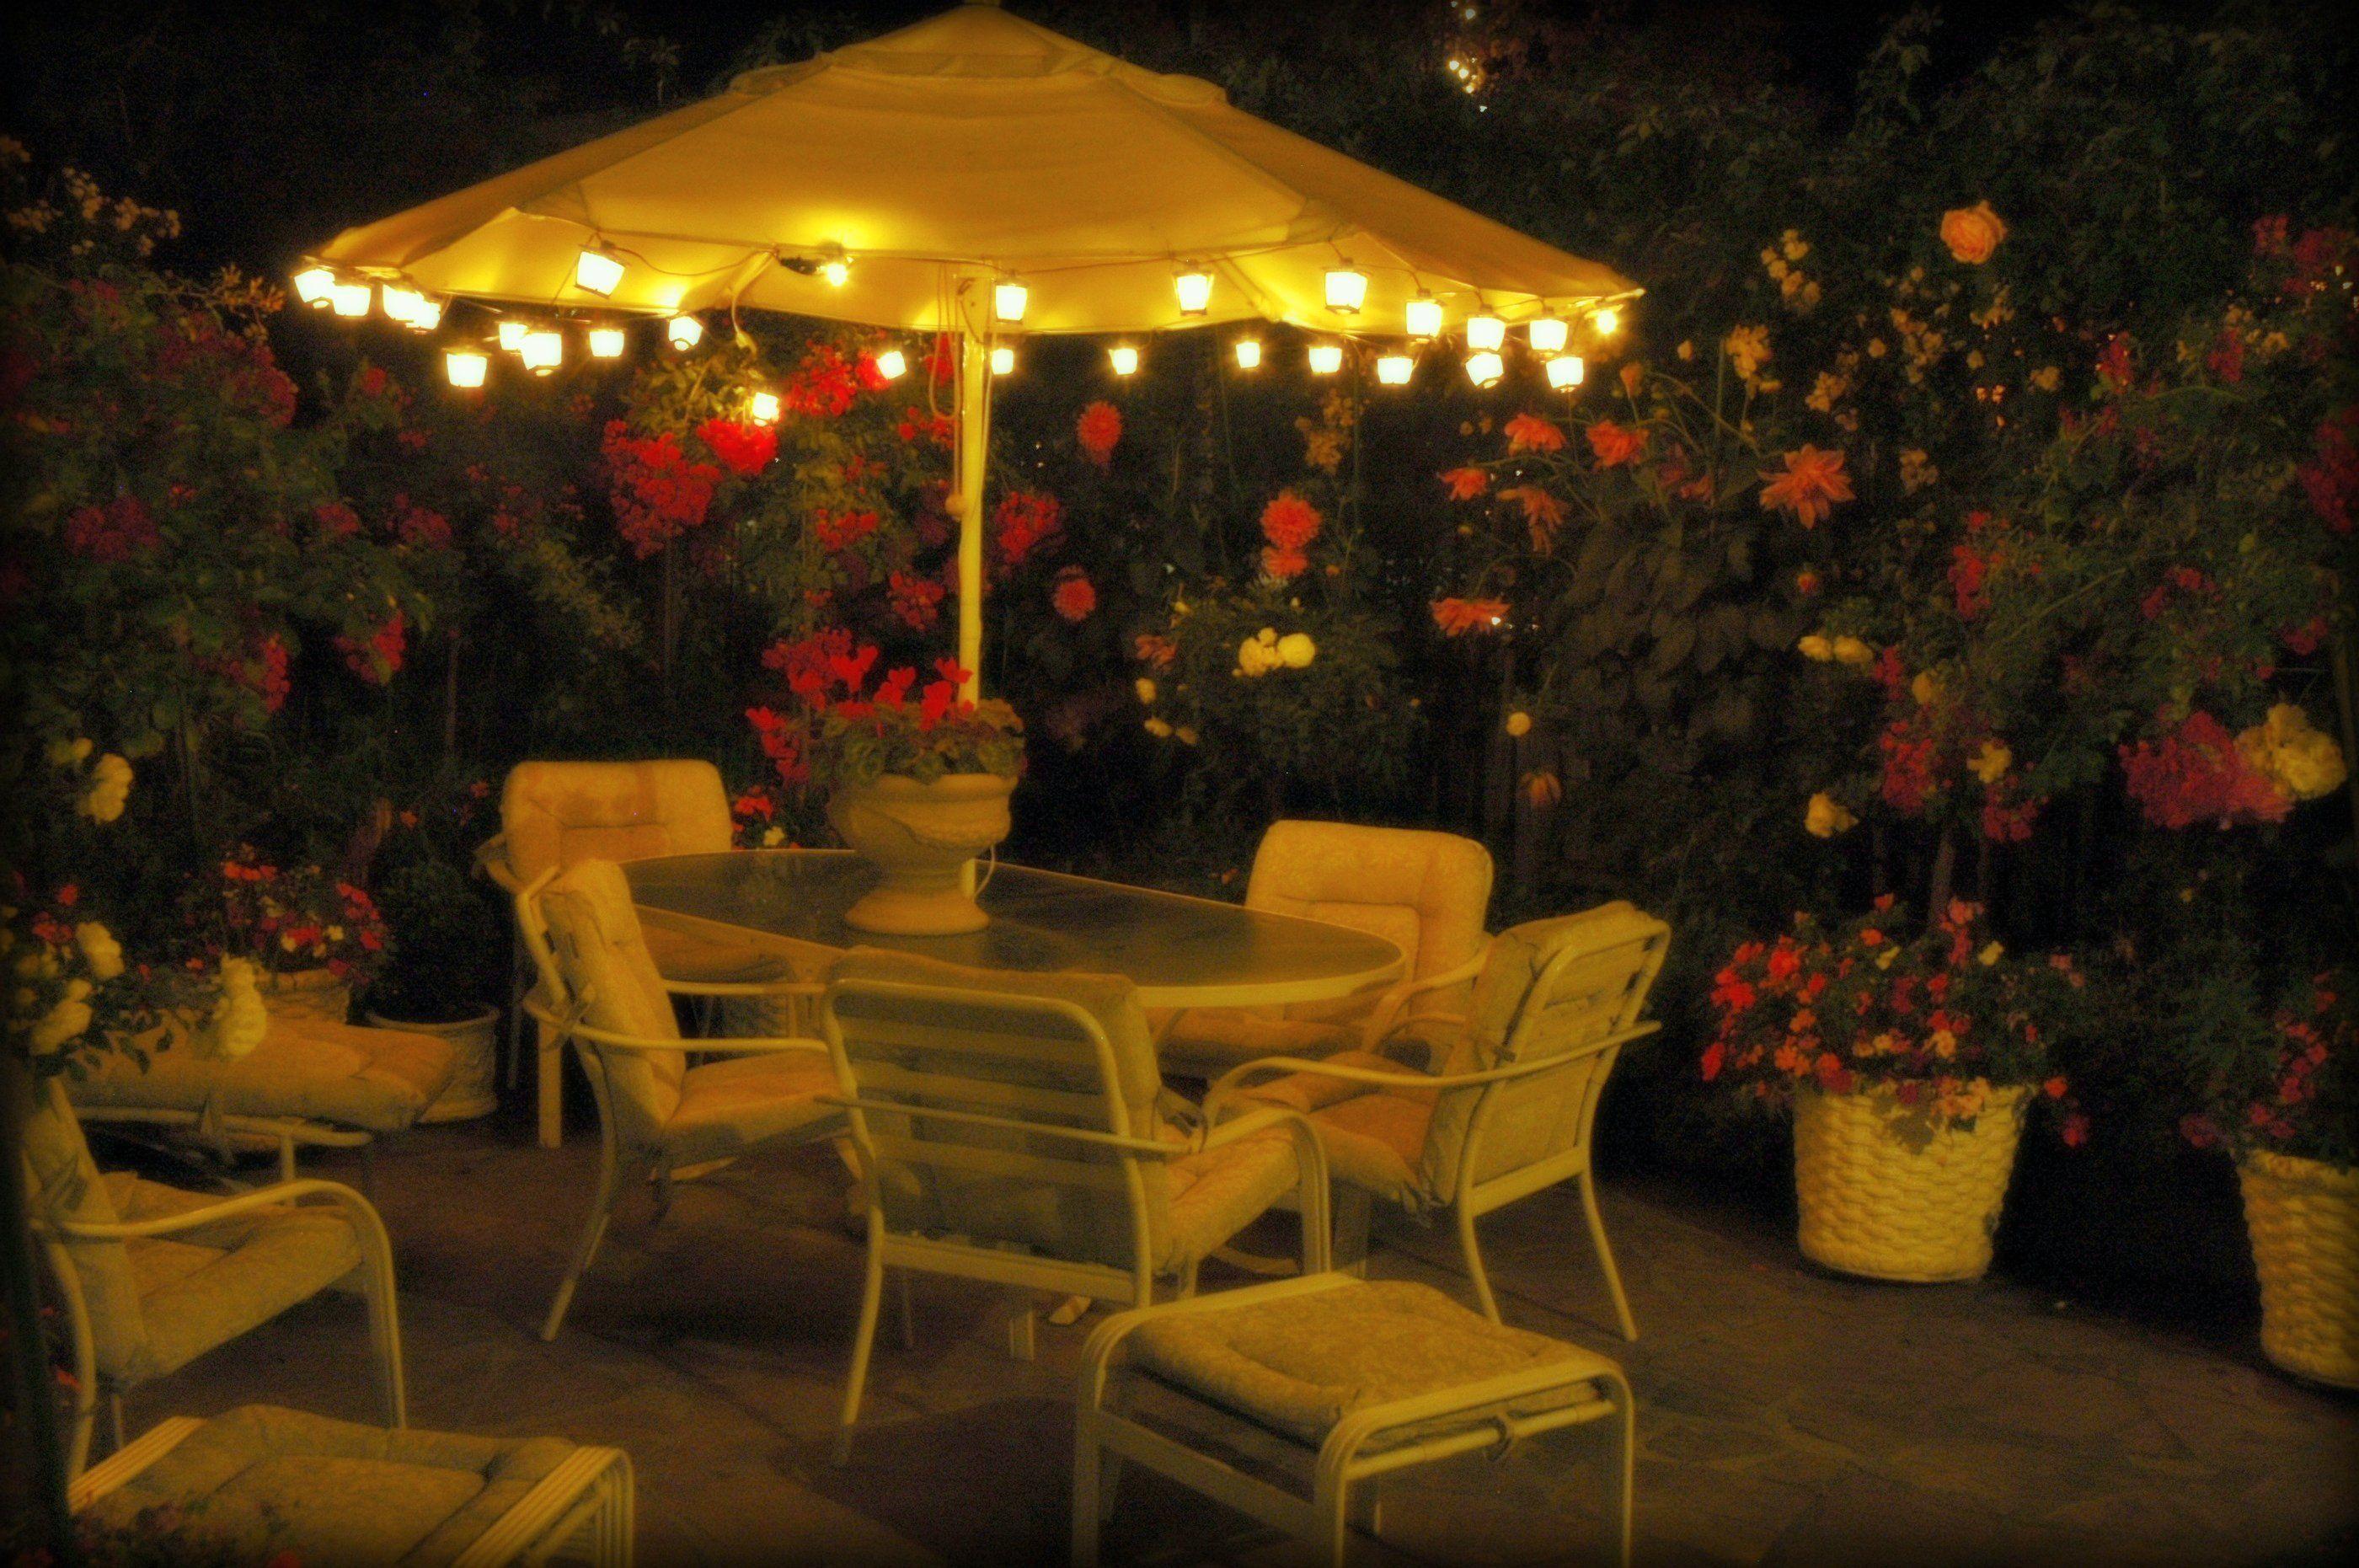 iluminación para disfrutar el jardín 3